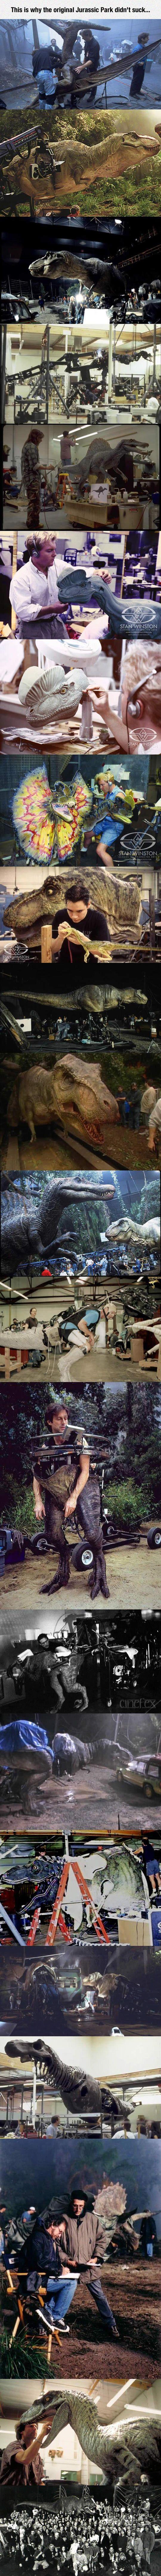 The reason Jurassic Park didn't suck.